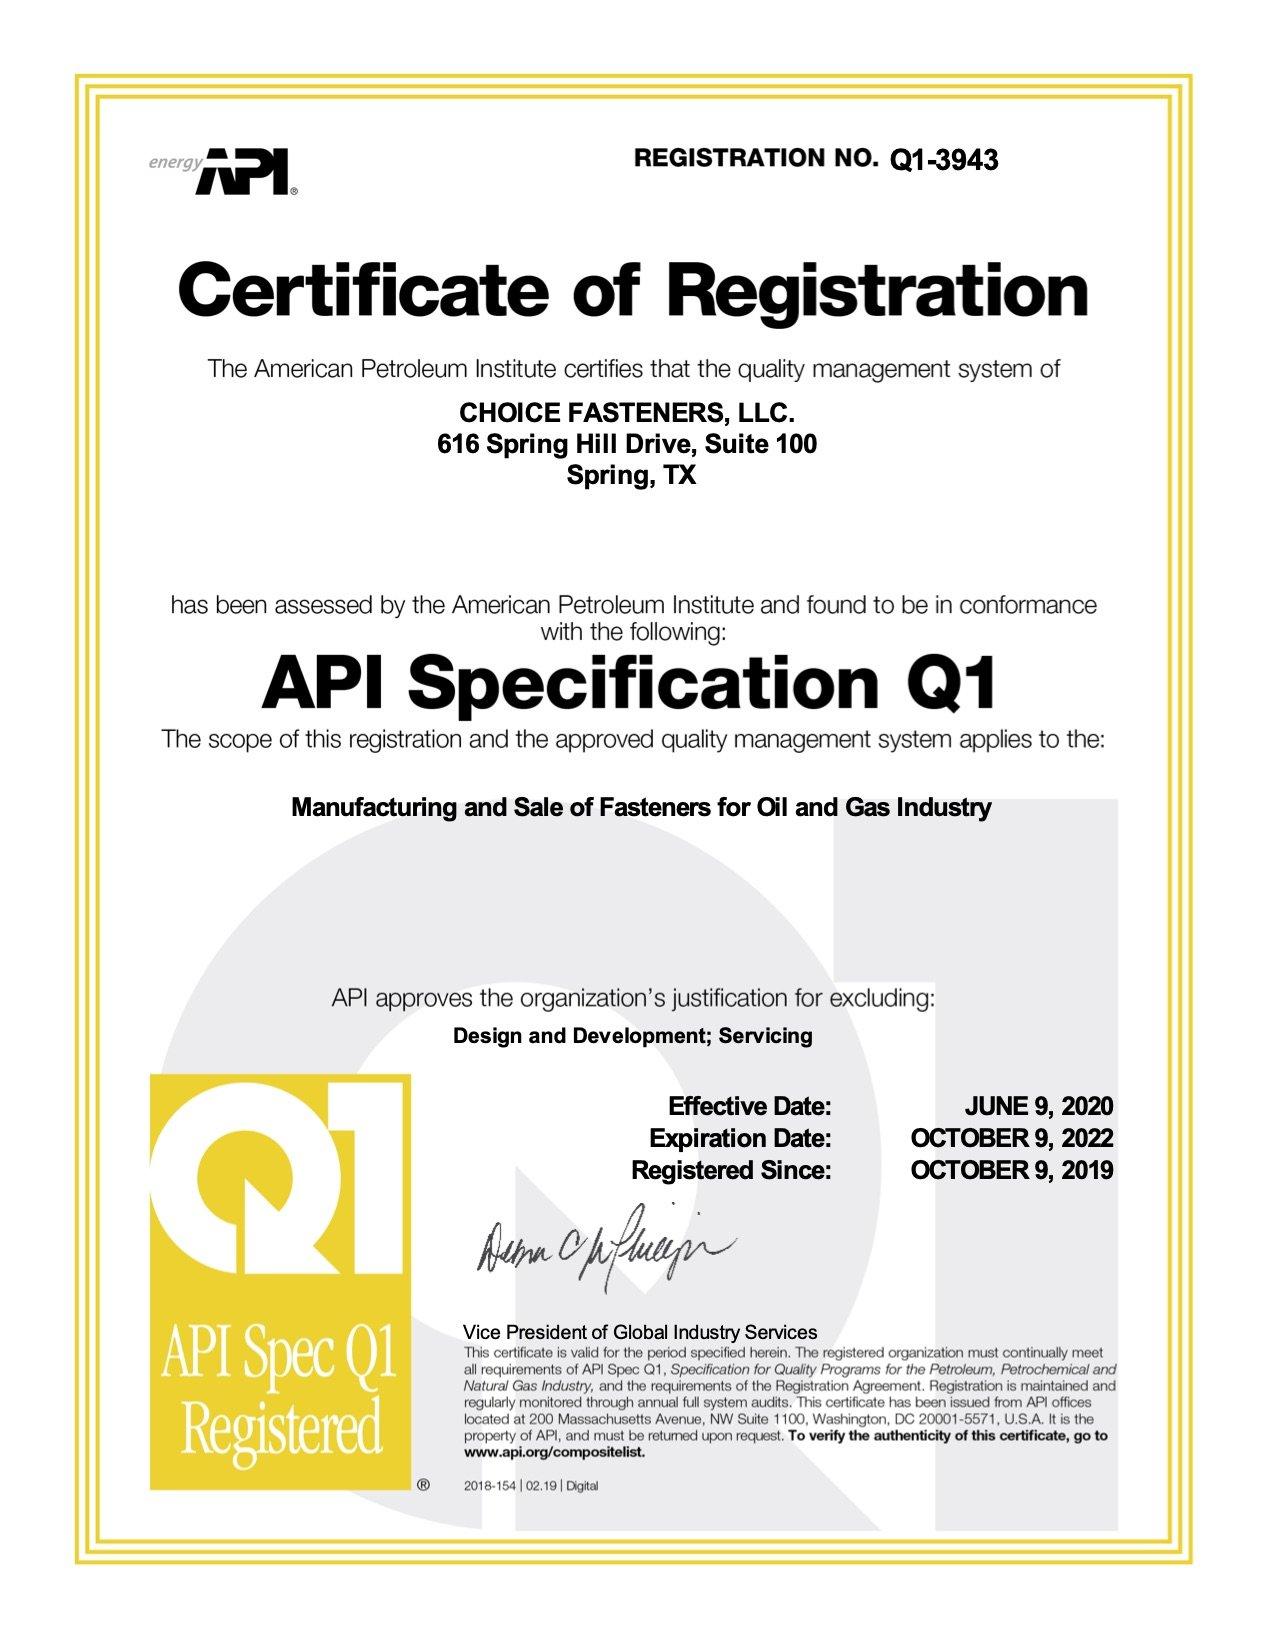 Certificate Q1-3943_20200615124316